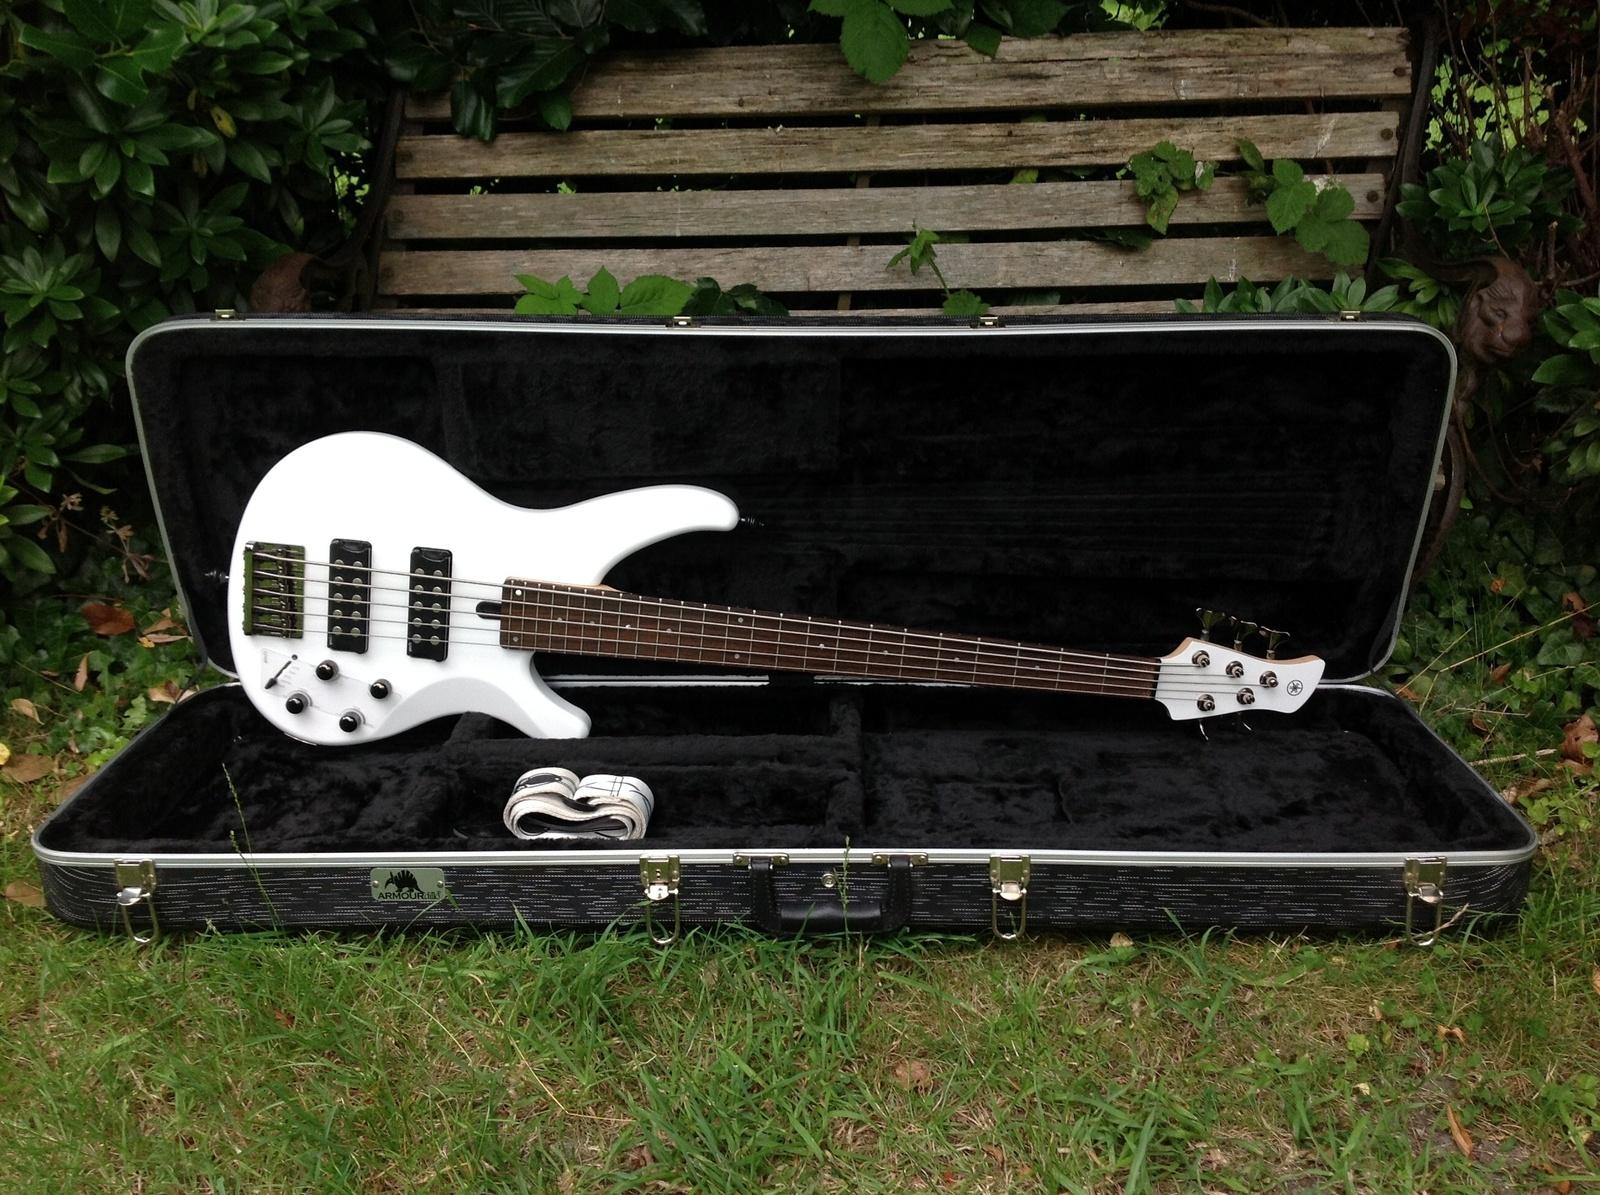 yamaha trbx305 5 string bass guitar vintage modern guitars. Black Bedroom Furniture Sets. Home Design Ideas